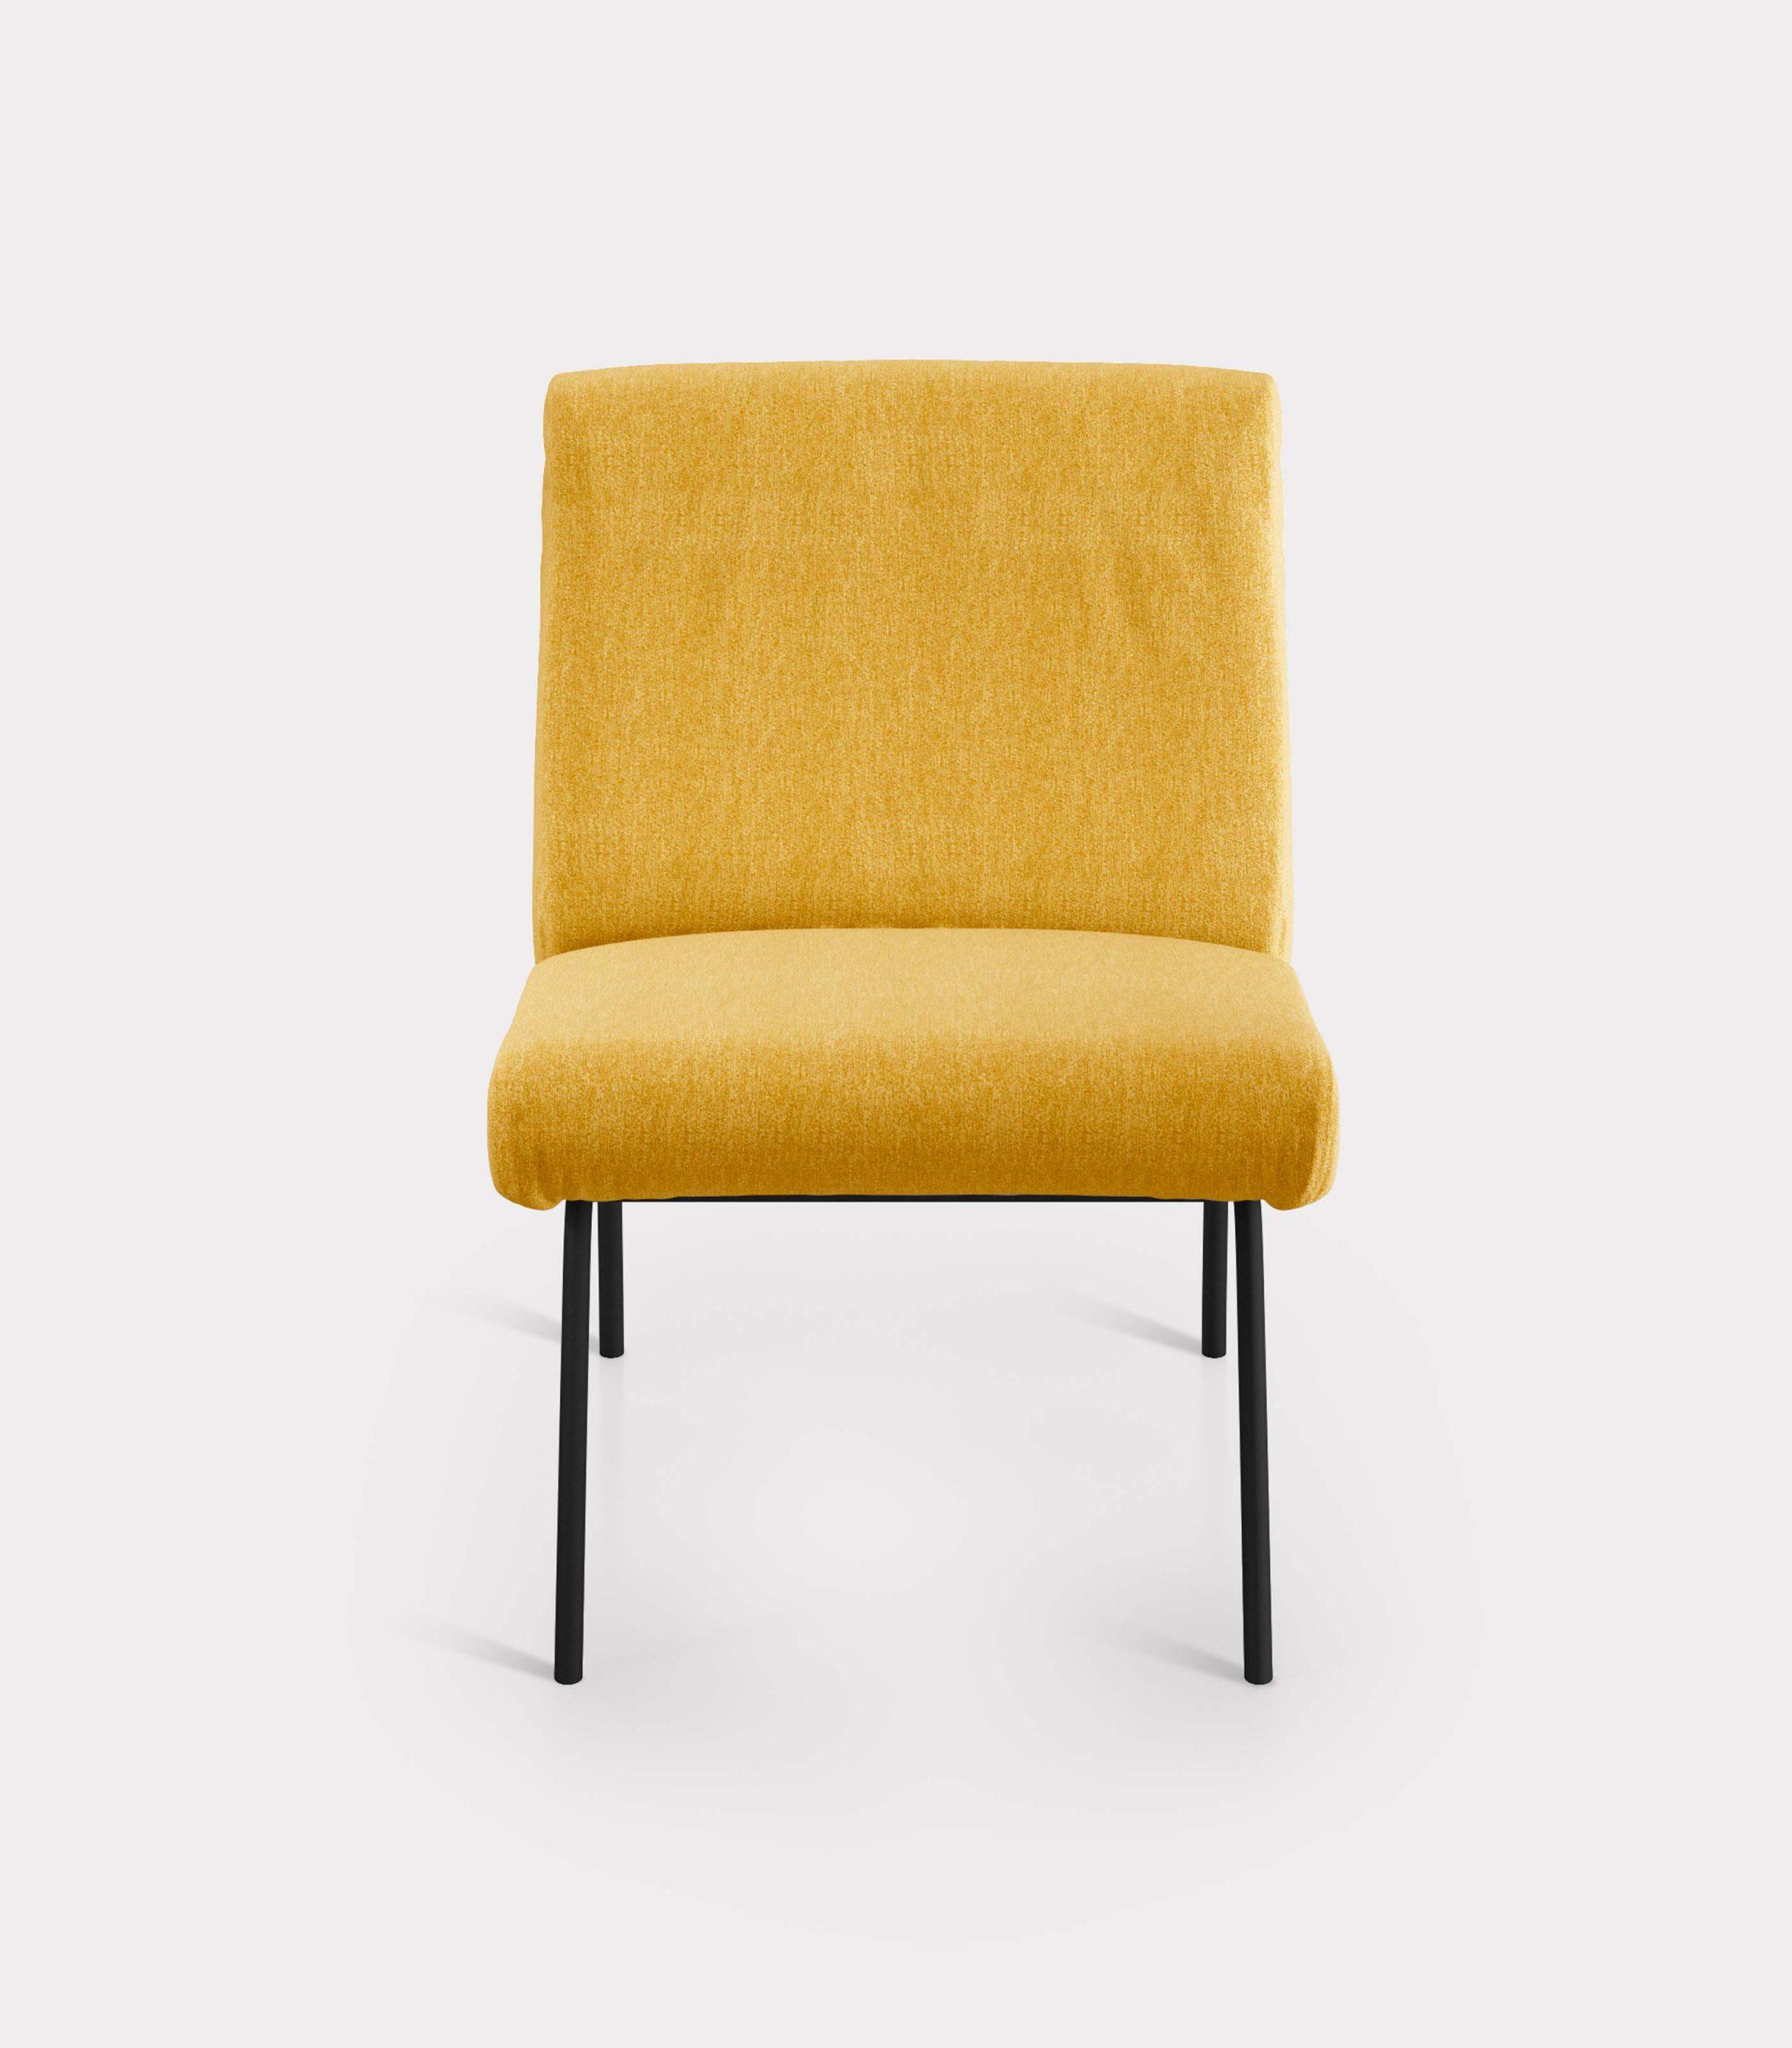 poltrona solid gialla milano design F